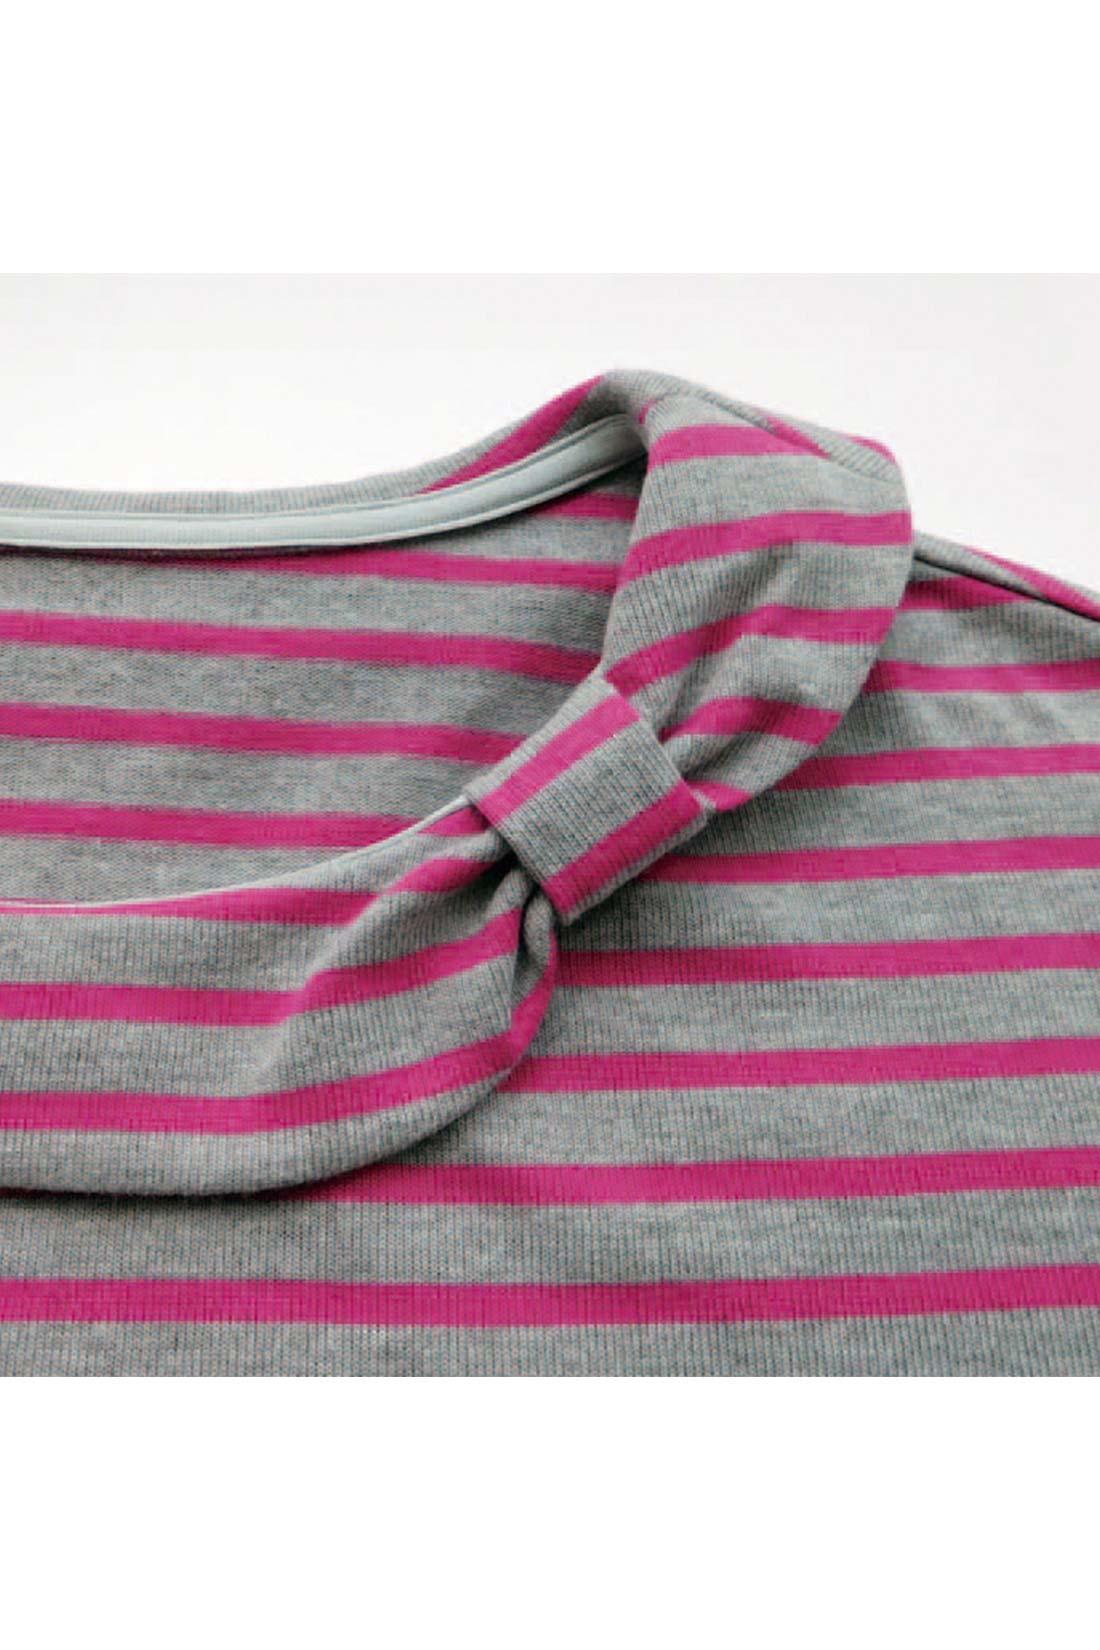 [乙女度アップの衿もと。]衿の一部をリボン形にして、オンナノコっぽく仕上げたよ。 ※お届けするカラーとは異なります。